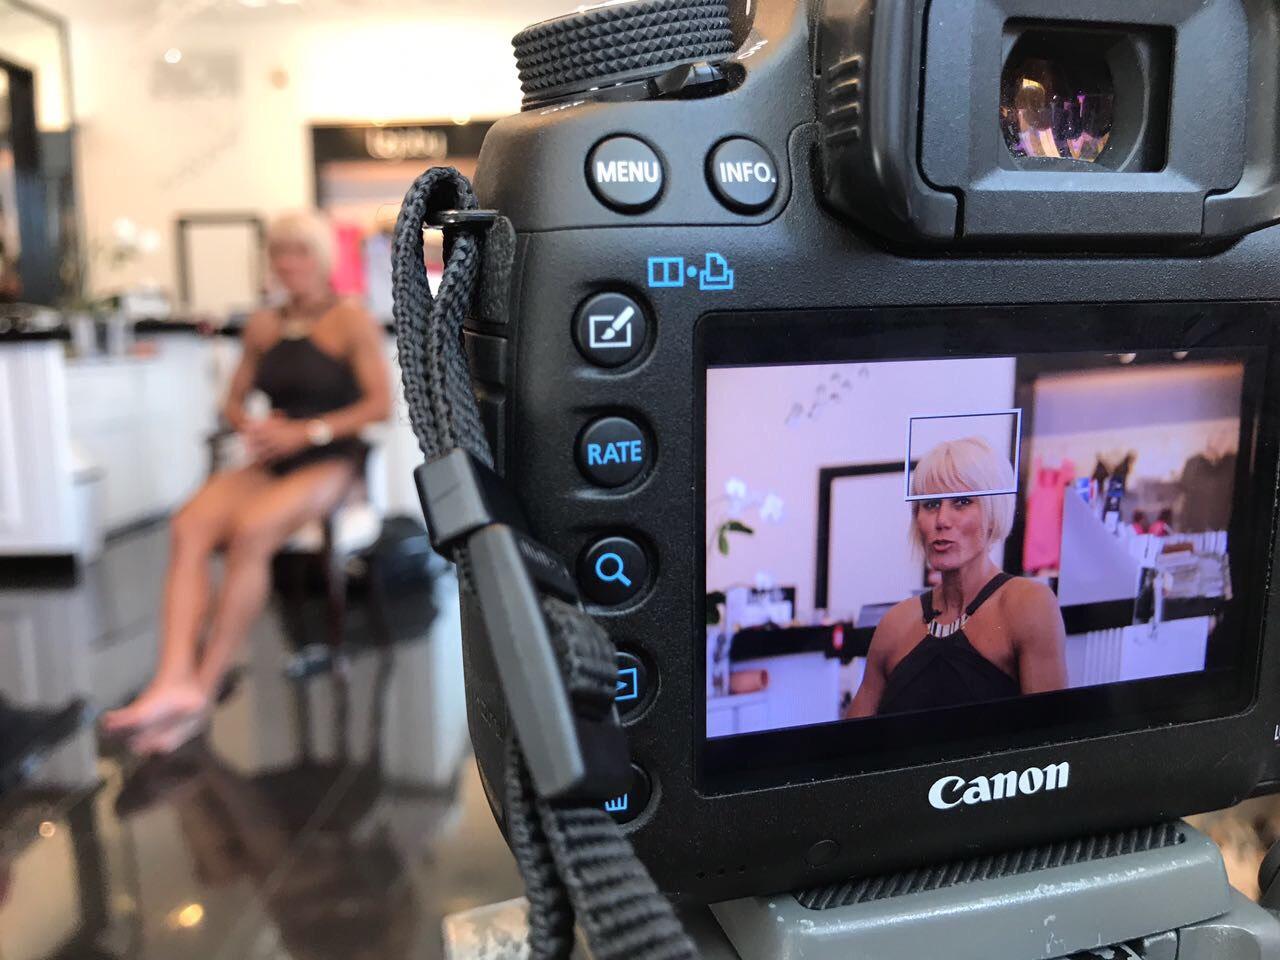 Экспресс-диета от Jack Kuba: телевидение и популярные блогеры оценивают эффект корректирующих купальников